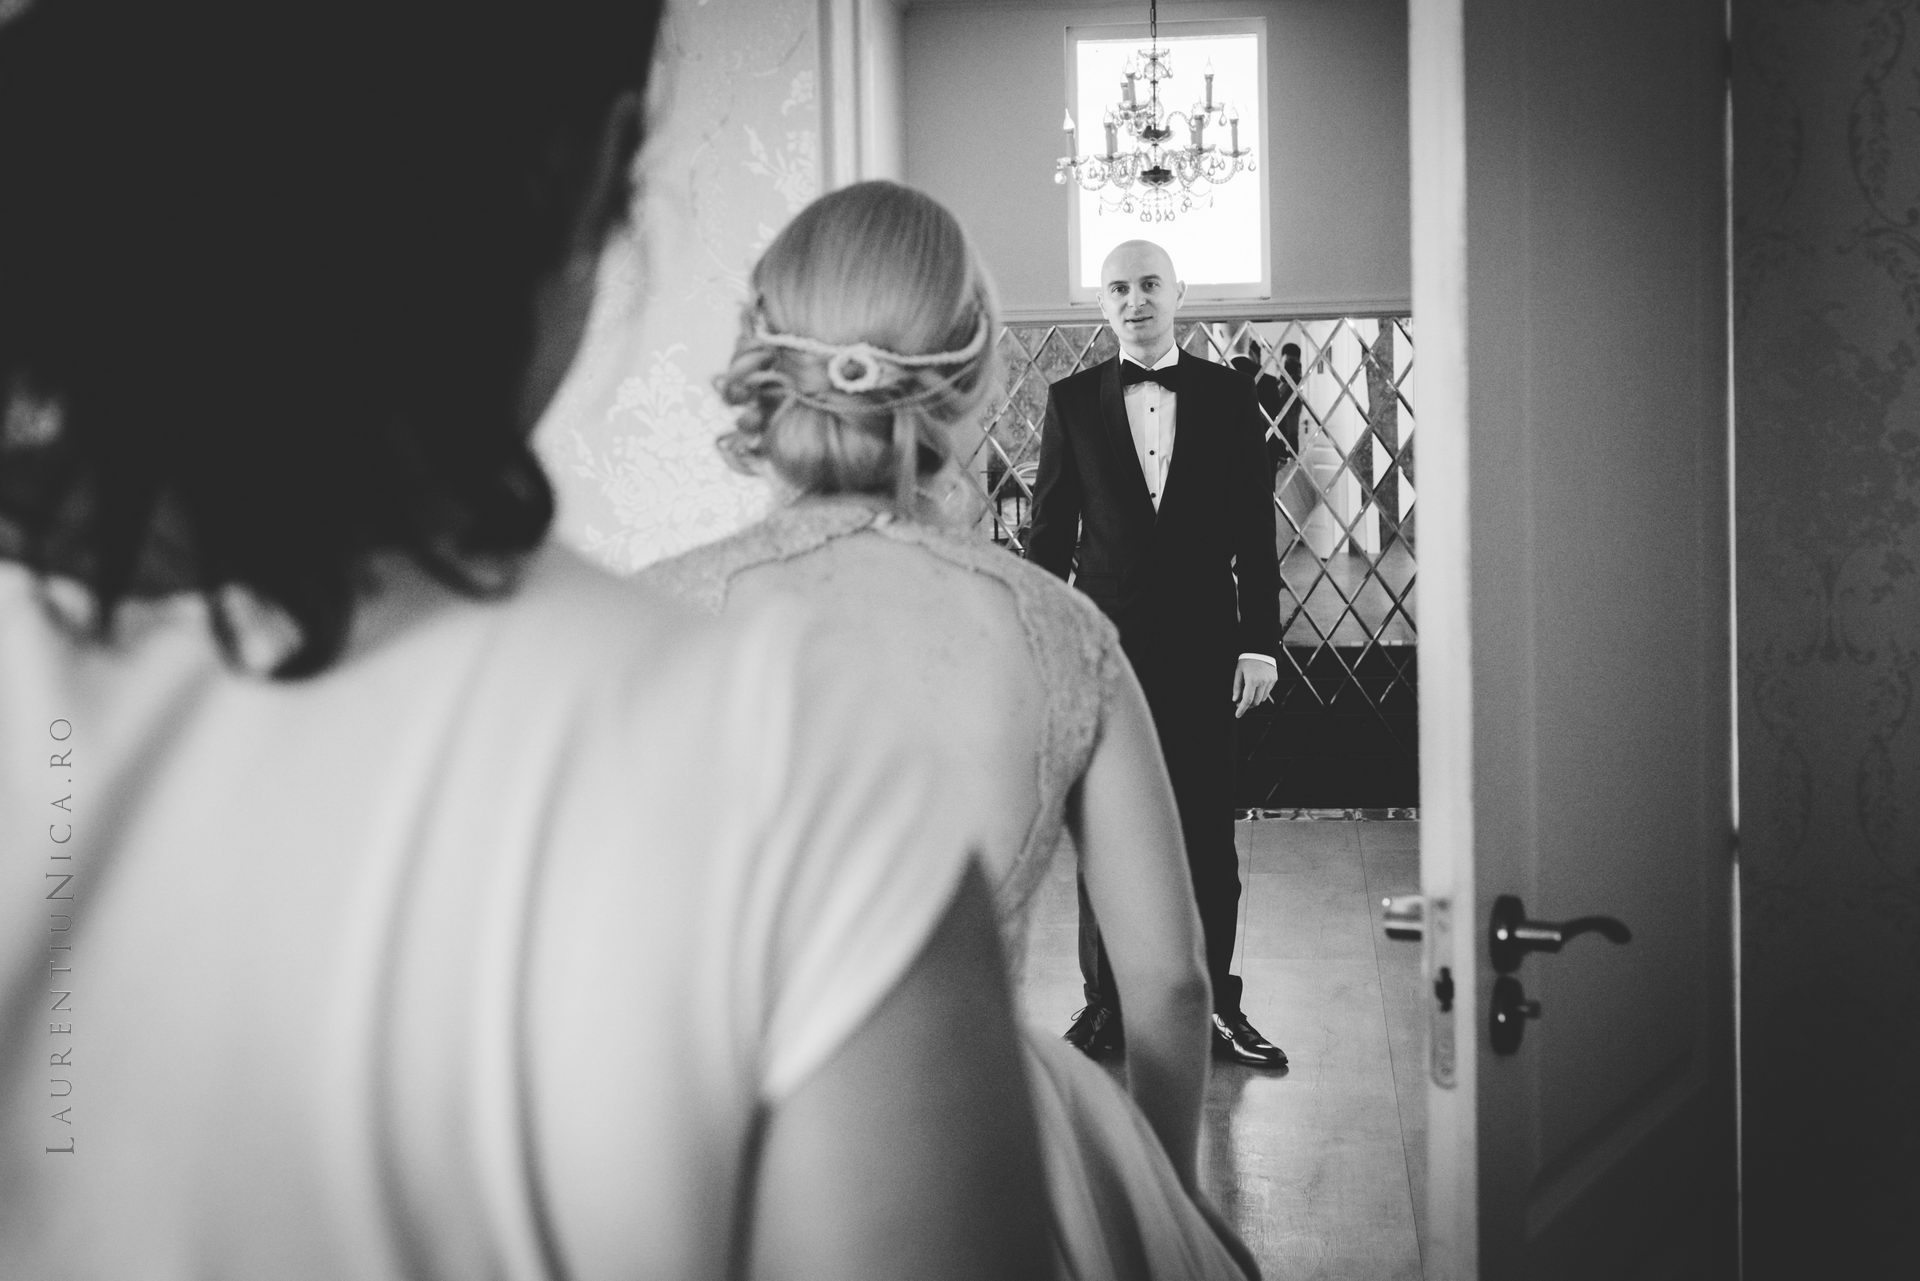 lavinia si adi fotograf laurentiu nica craiova 019 - Lavinia & Adi | Fotografii nunta